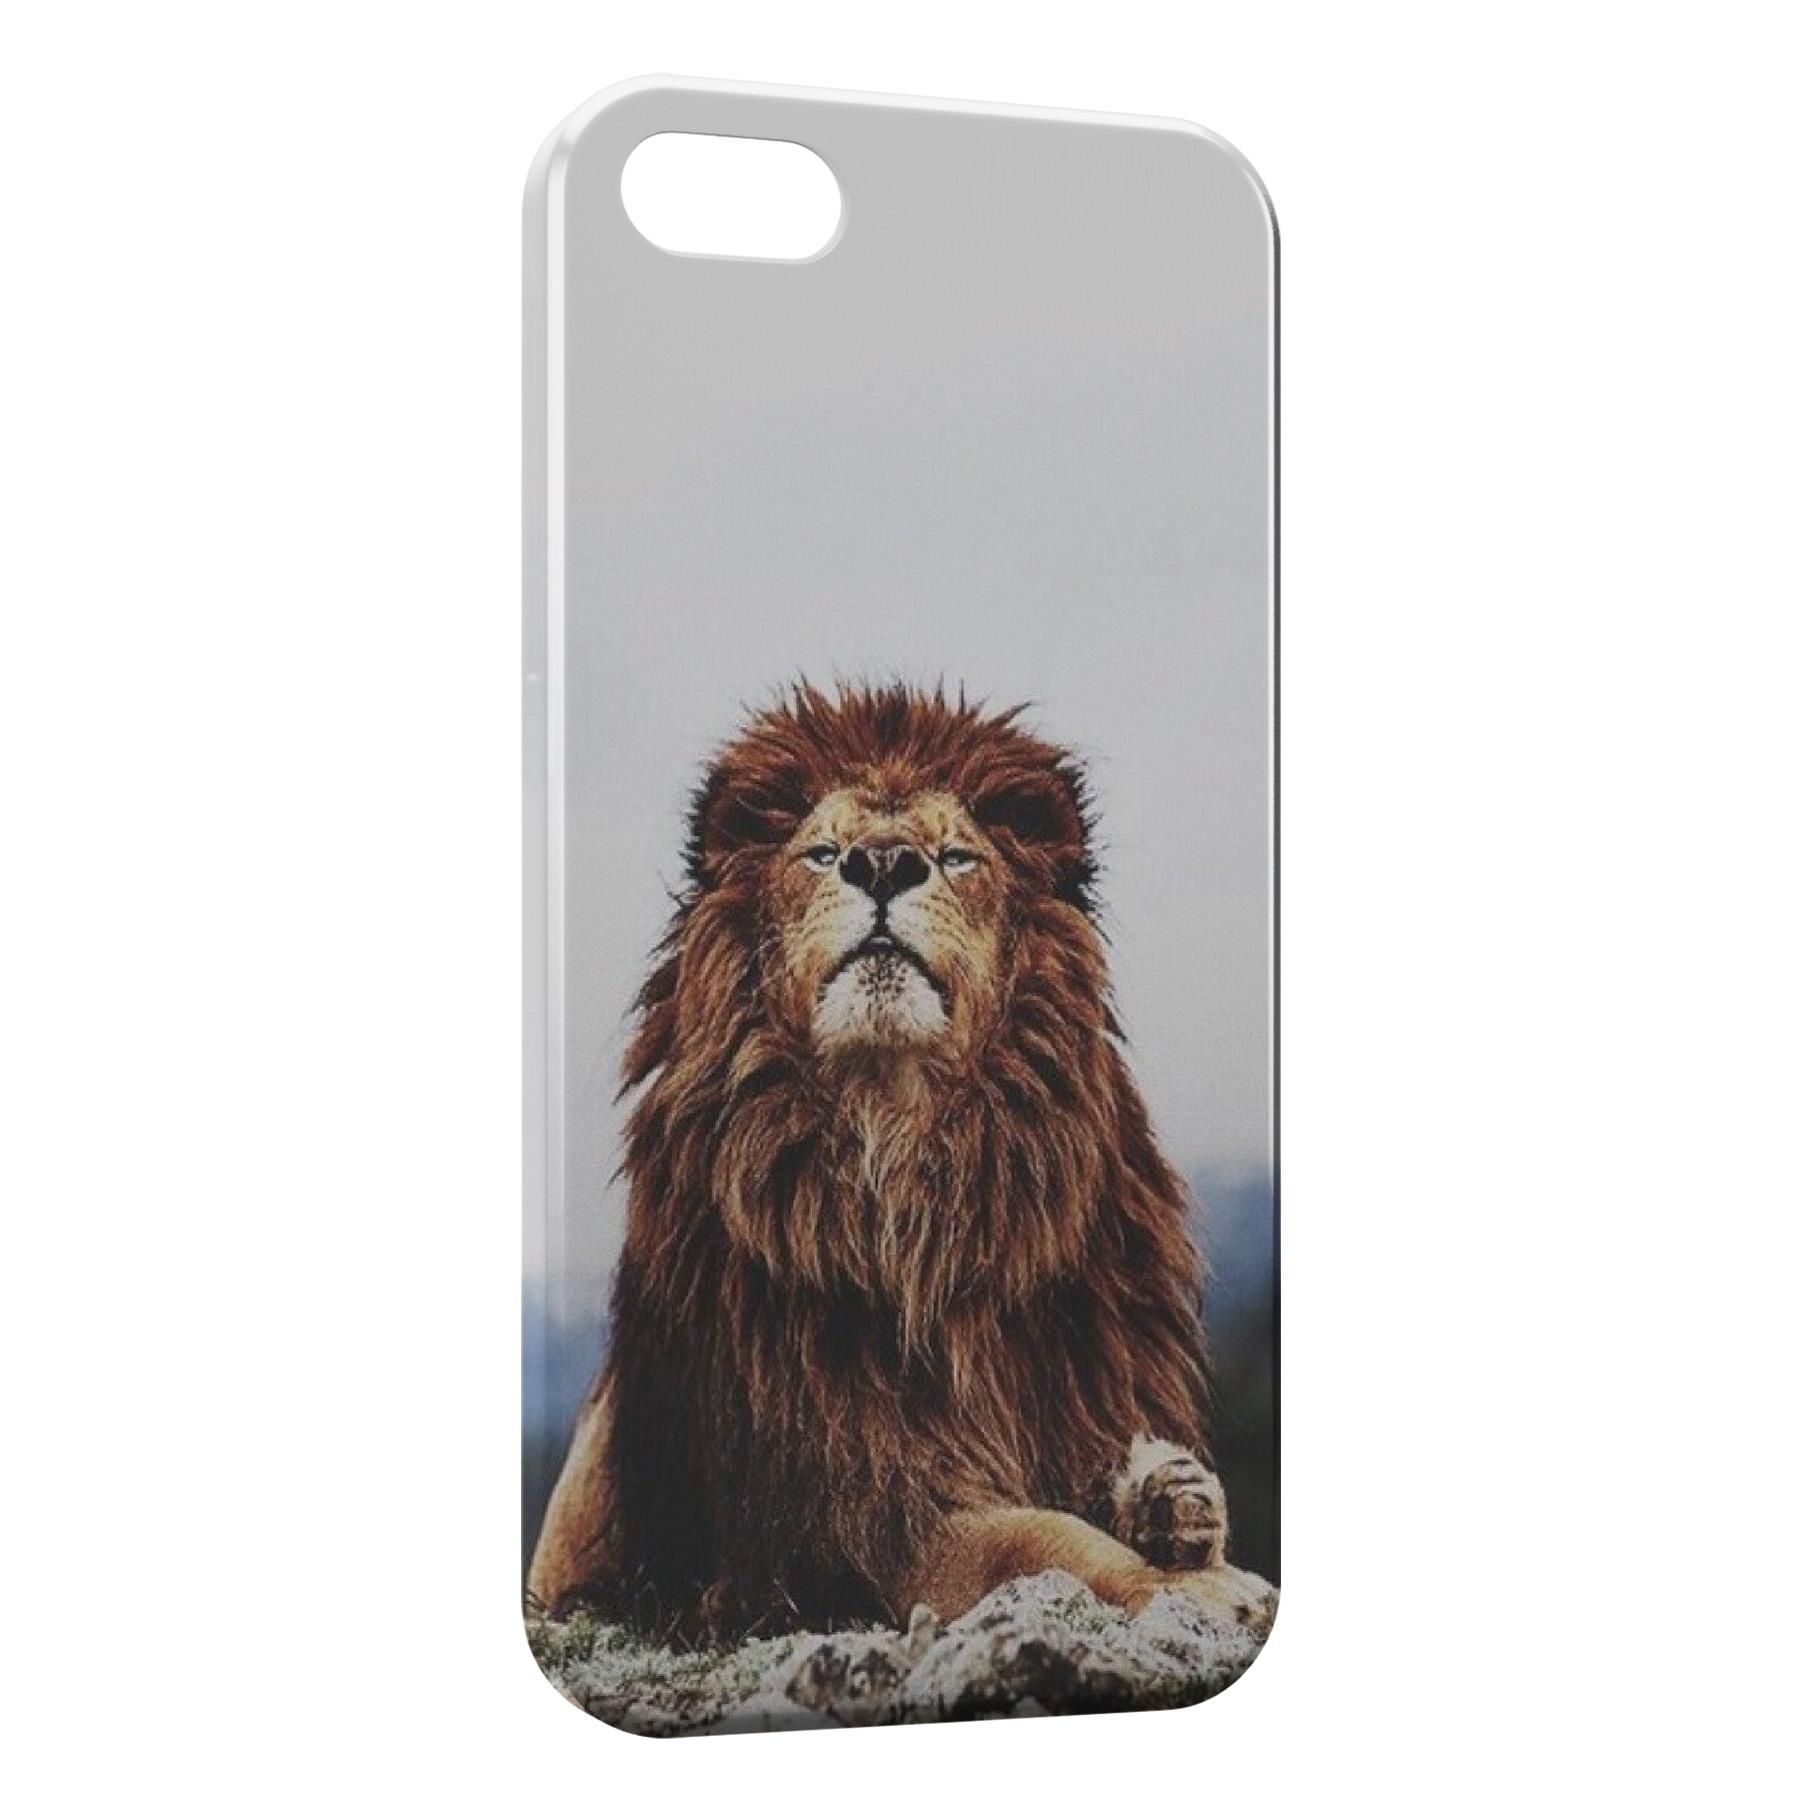 Coque iPhone 4 & 4S Lion Vintage 4